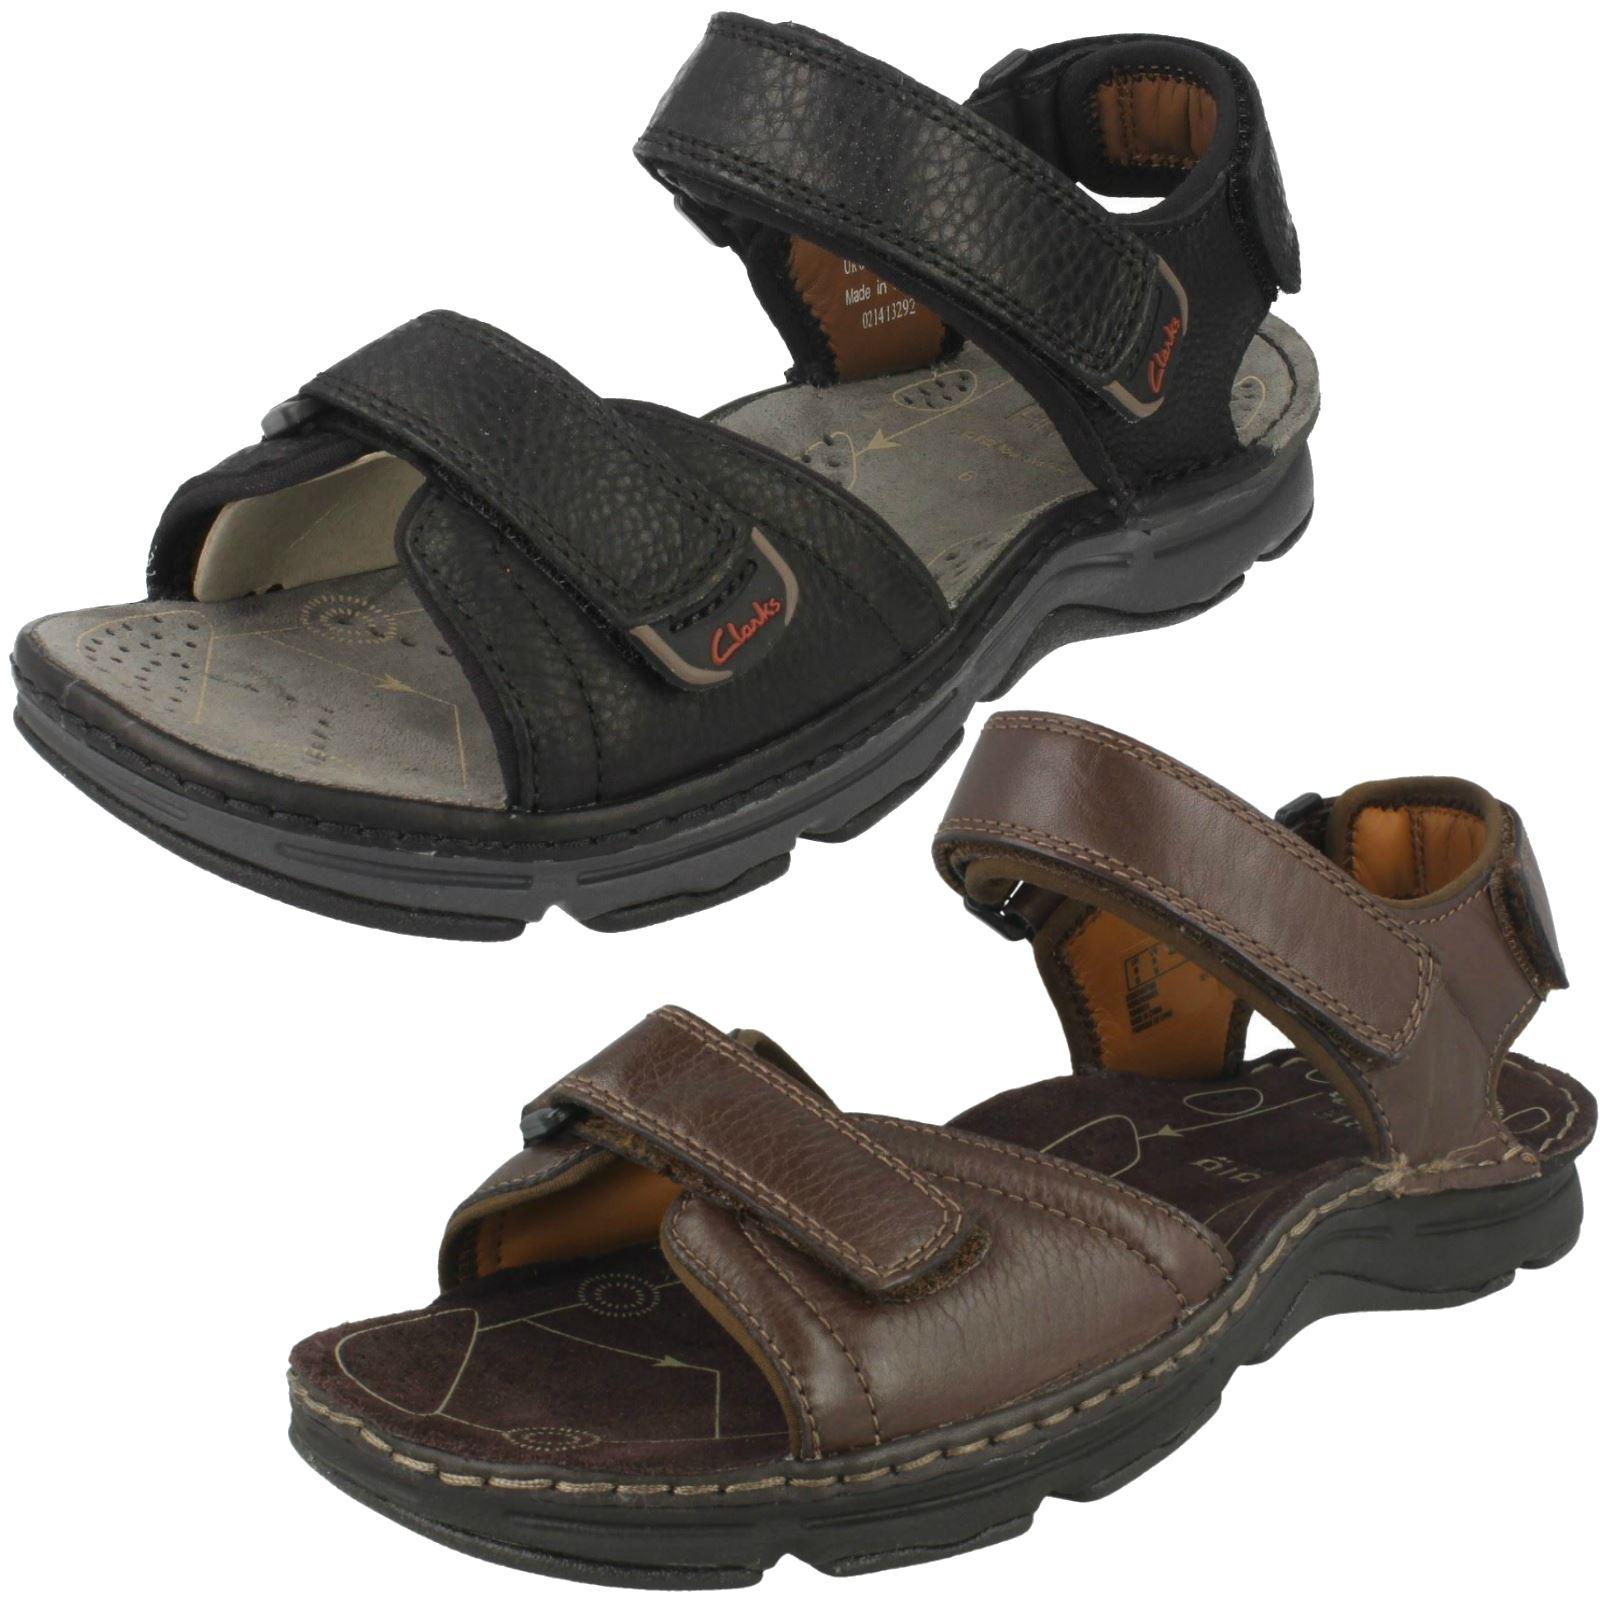 77a052437f29 Clarks Mens Active Air Sandals Atl Part